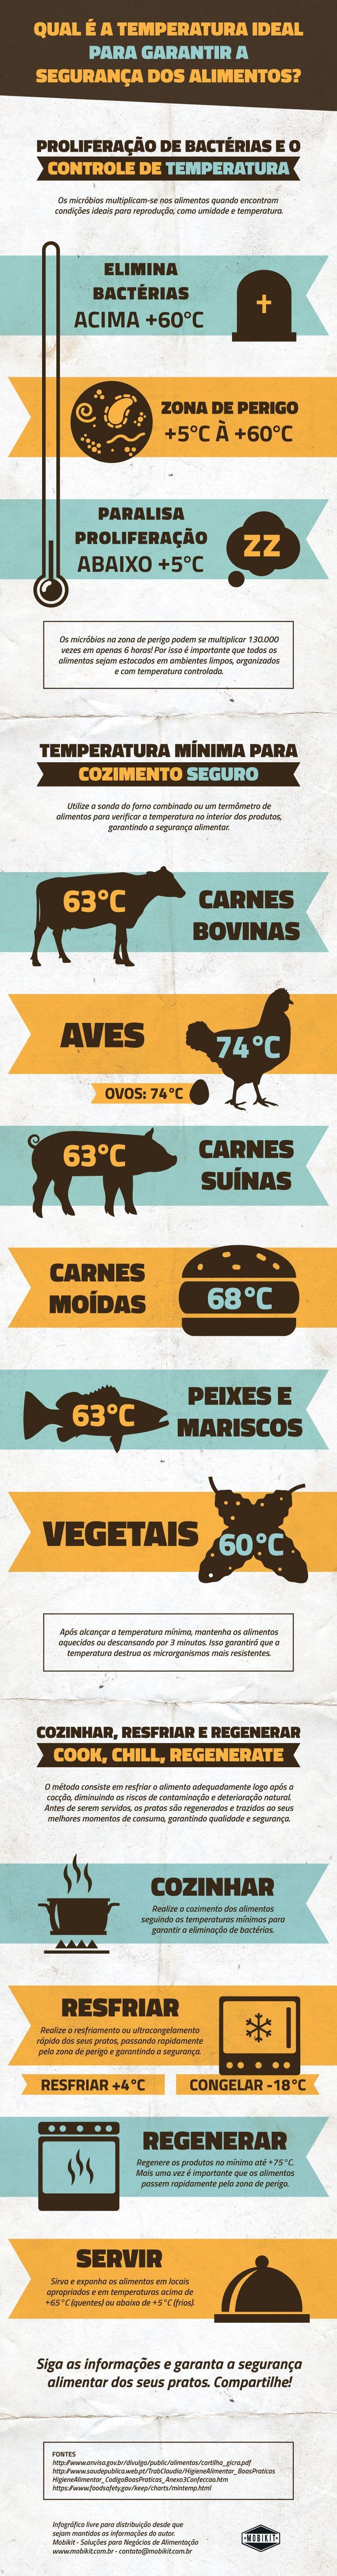 Qual é a temperatura ideal para garantir a segurança dos alimentos? - Infográfico - Cook Chill Regenerate, Cozimentos das carnes e legumes, Segurança alimentar e muito mais! Veja mais conteúdos como este em www.mobikit.com.br - infographic